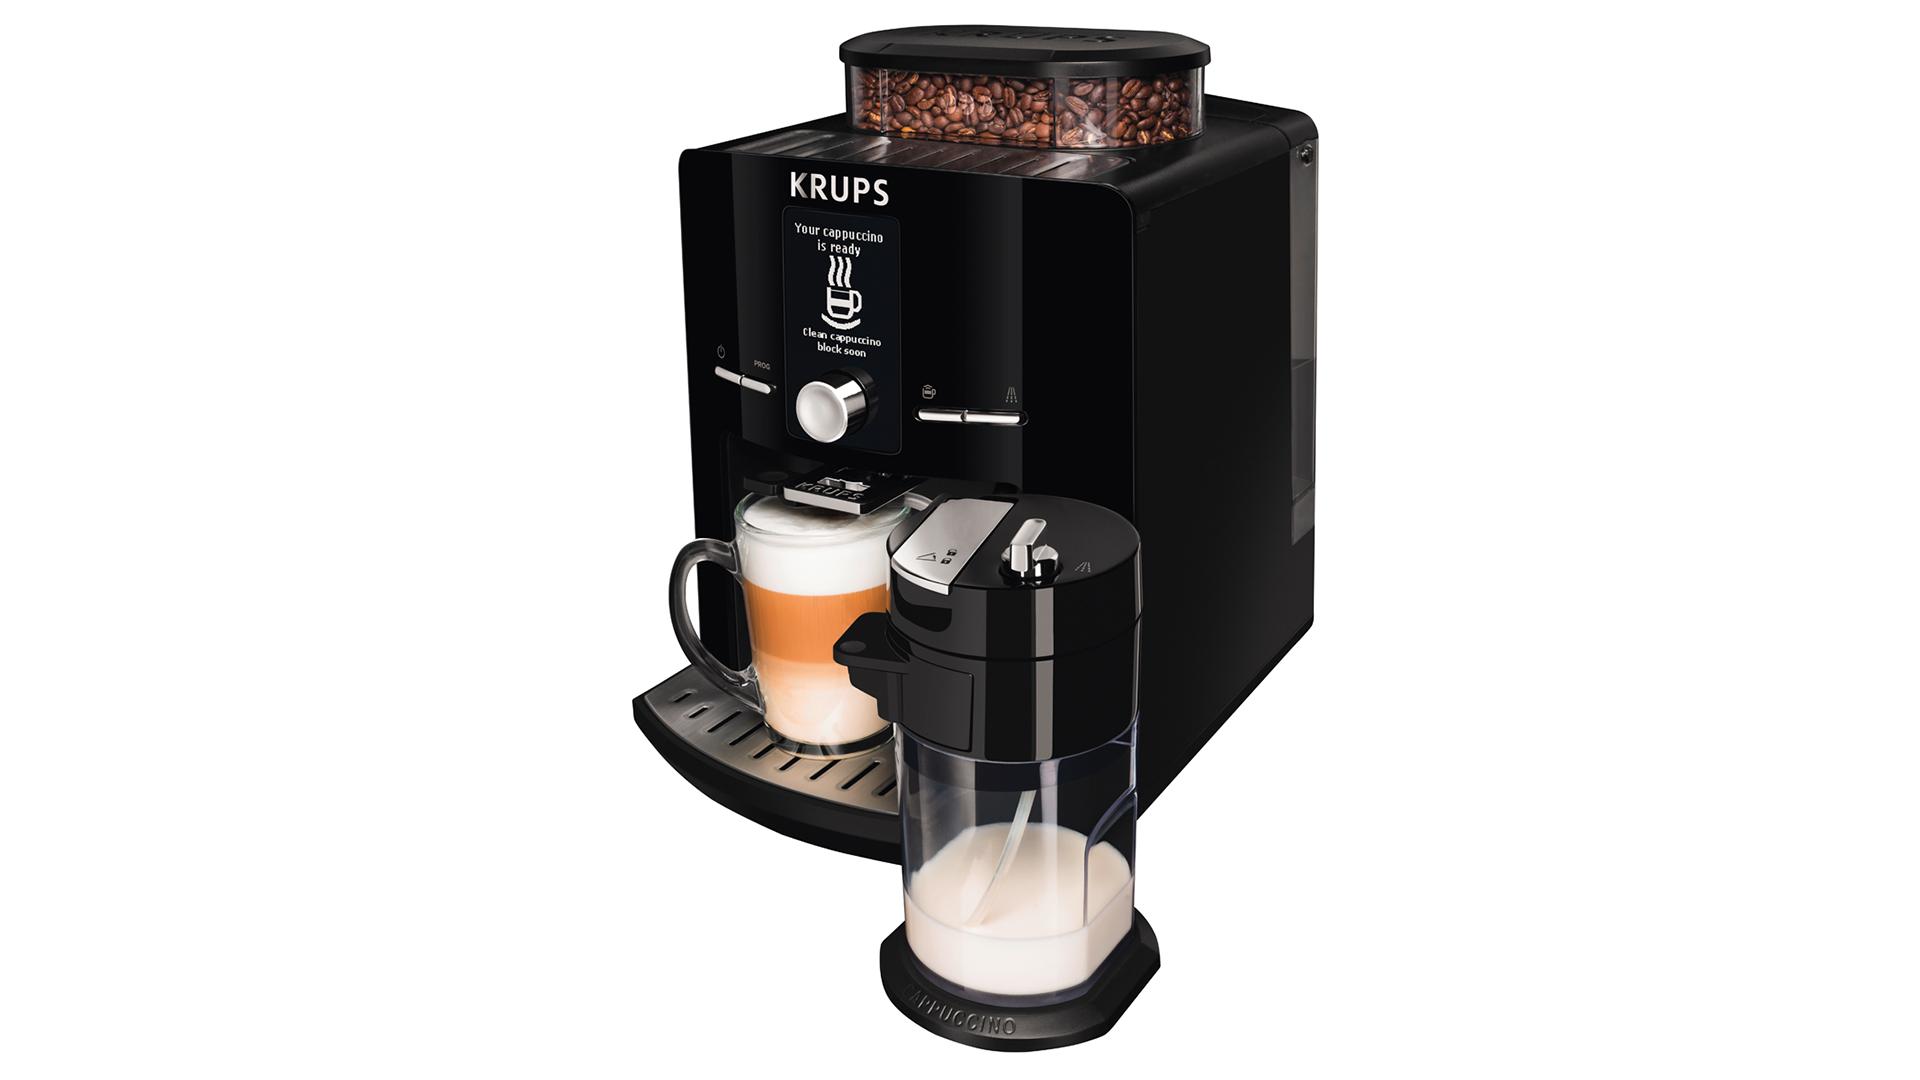 Инструкция по эксплуатации кофеварки браун.docs